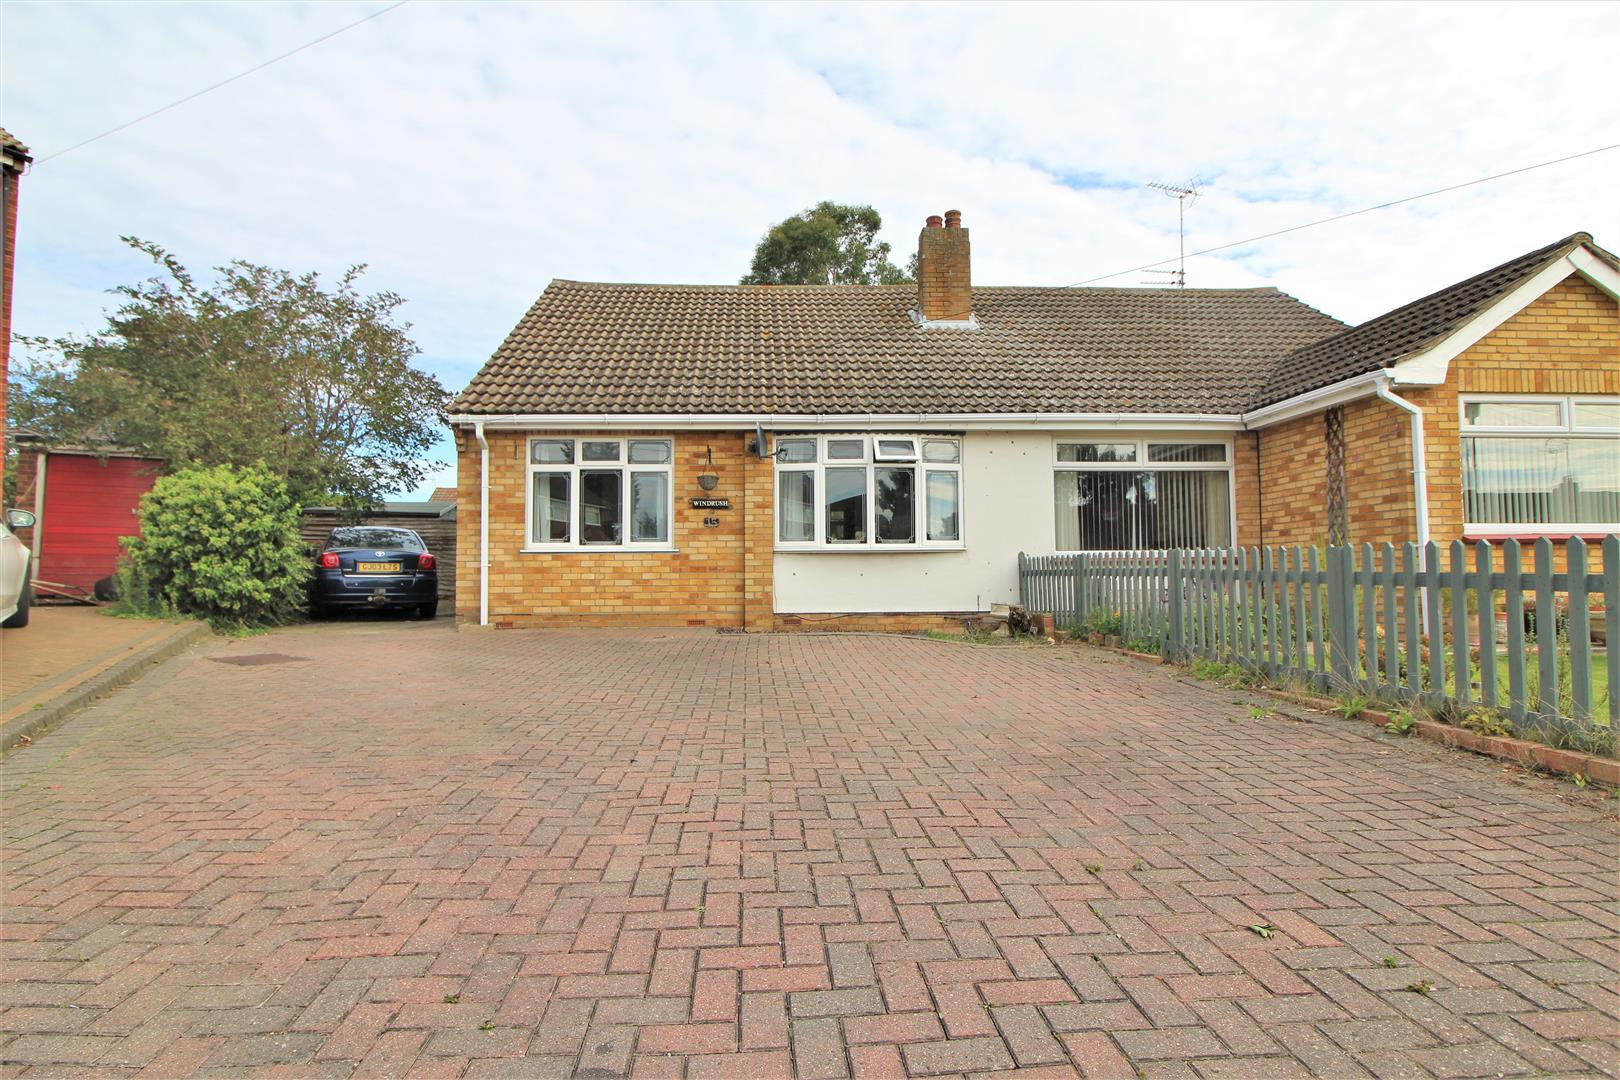 Barrington Close, Little Clacton, Essex, CO16 9PN